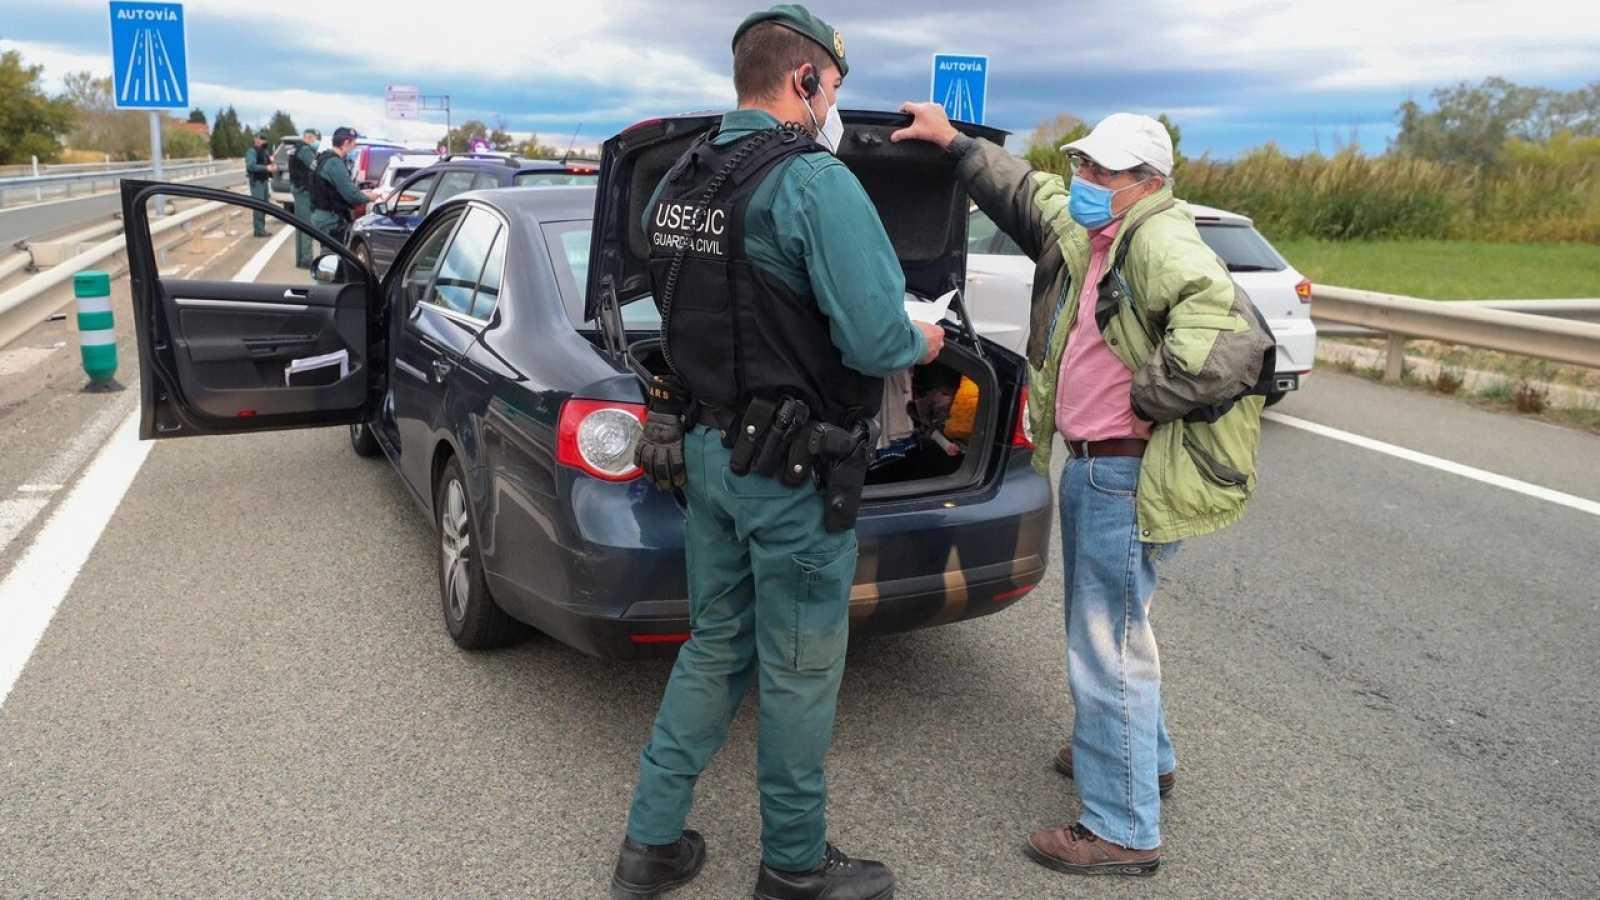 Agentes de la Guardia Civil controlan una carretera de acceso a Zaragoza para garantizar el cumplimiento del confinamiento perimetral de la capital aragonesa. EFE/Javier Cebollada